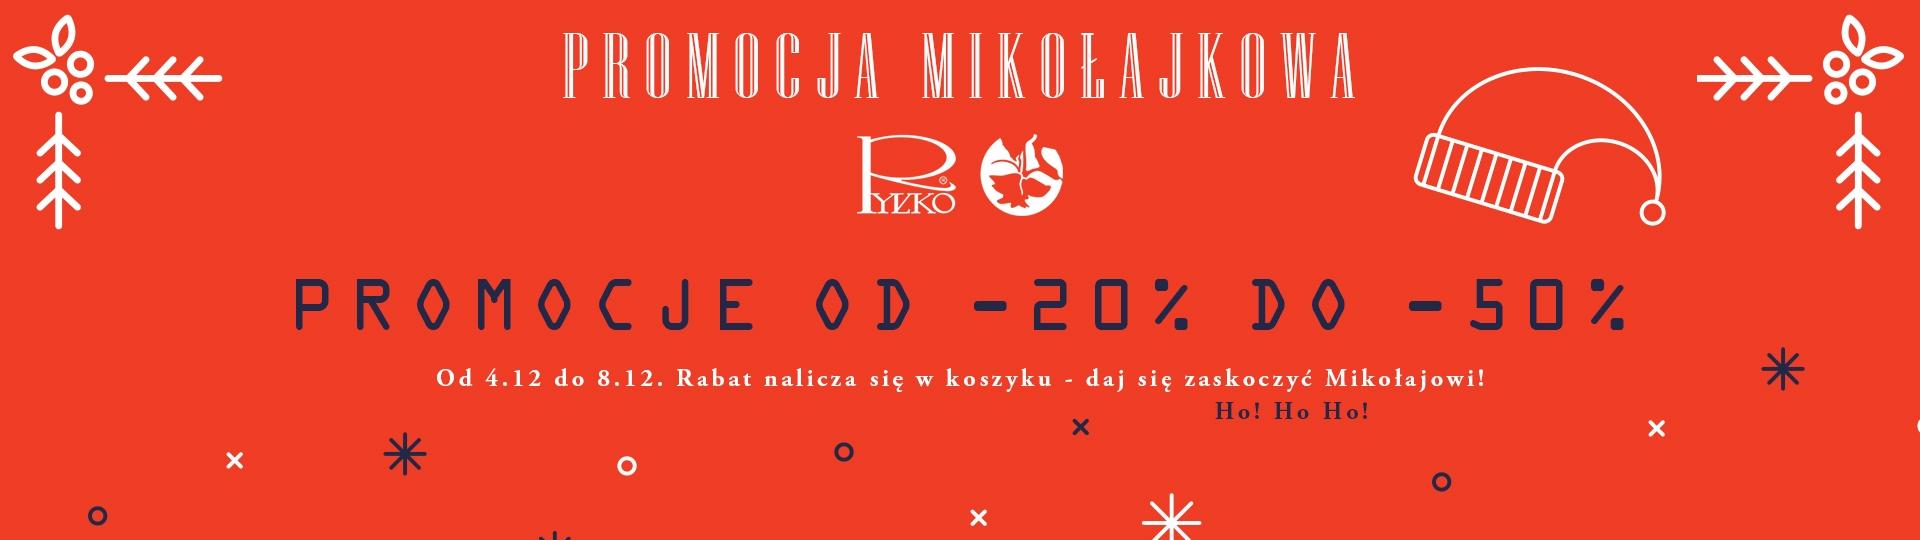 Promocja Mikołajkowa 2019